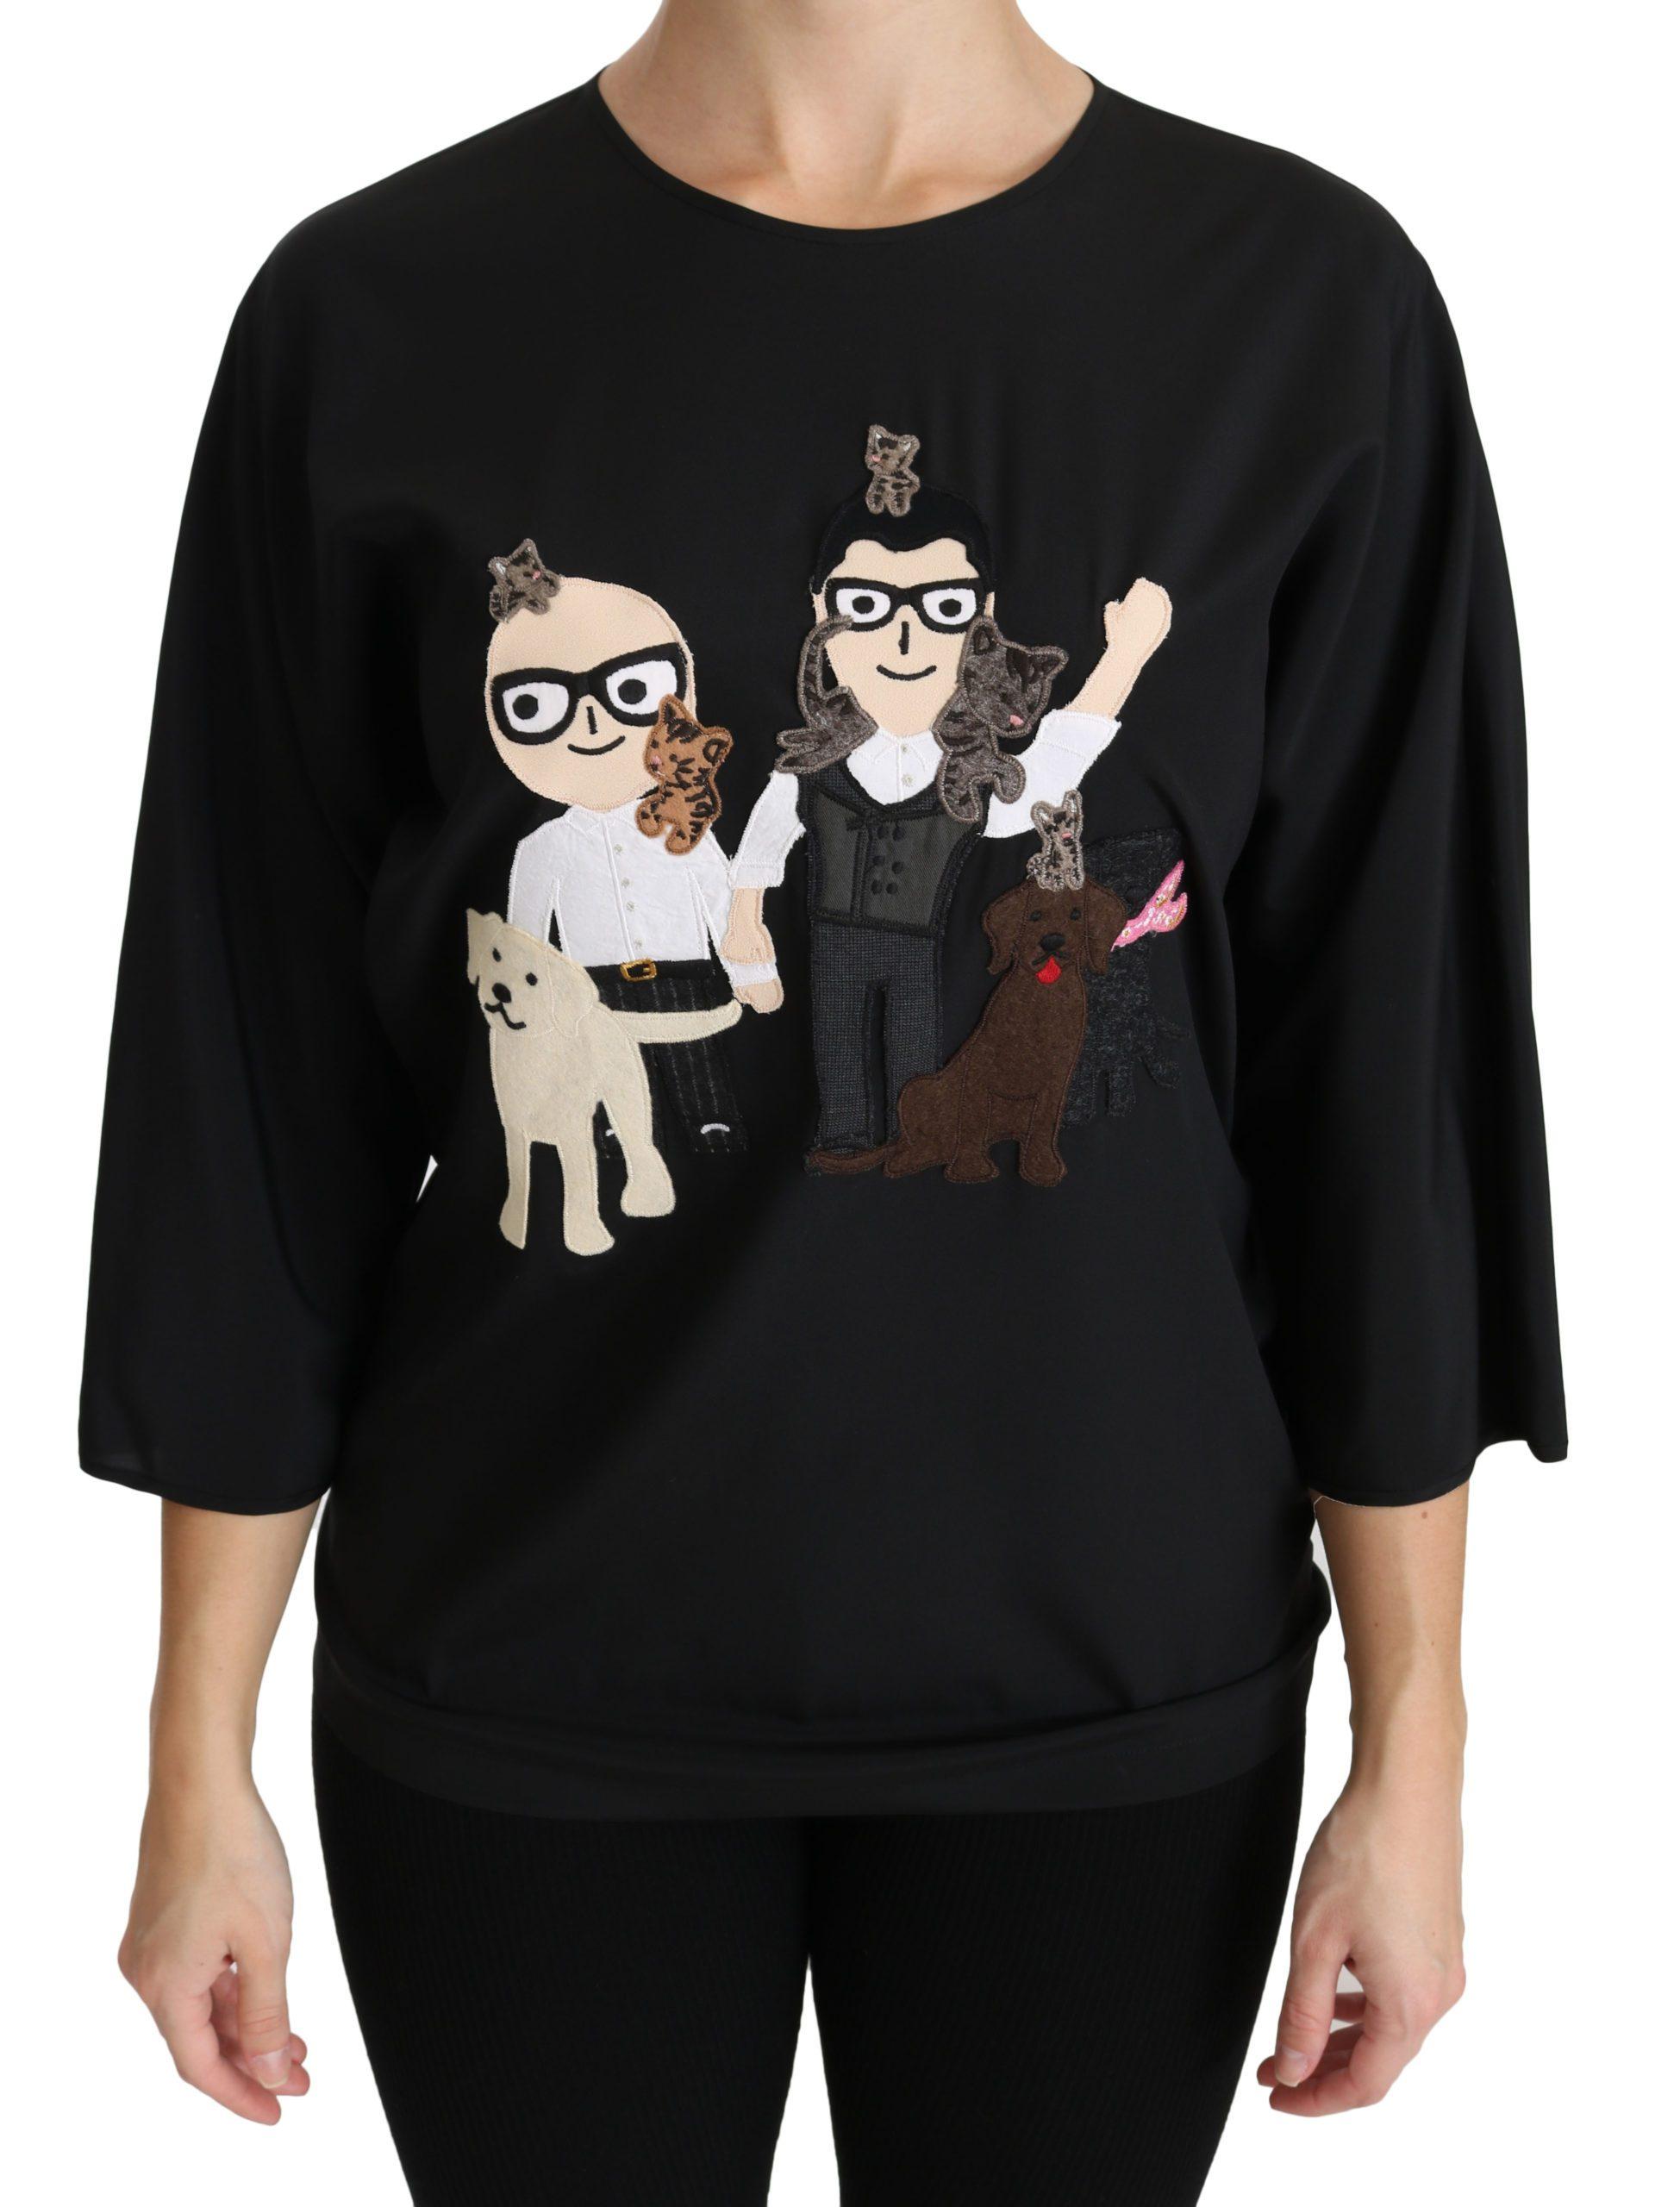 Dolce & Gabbana Women's #dgfamily T-shirt Black TSH4271-36 - IT38|XS